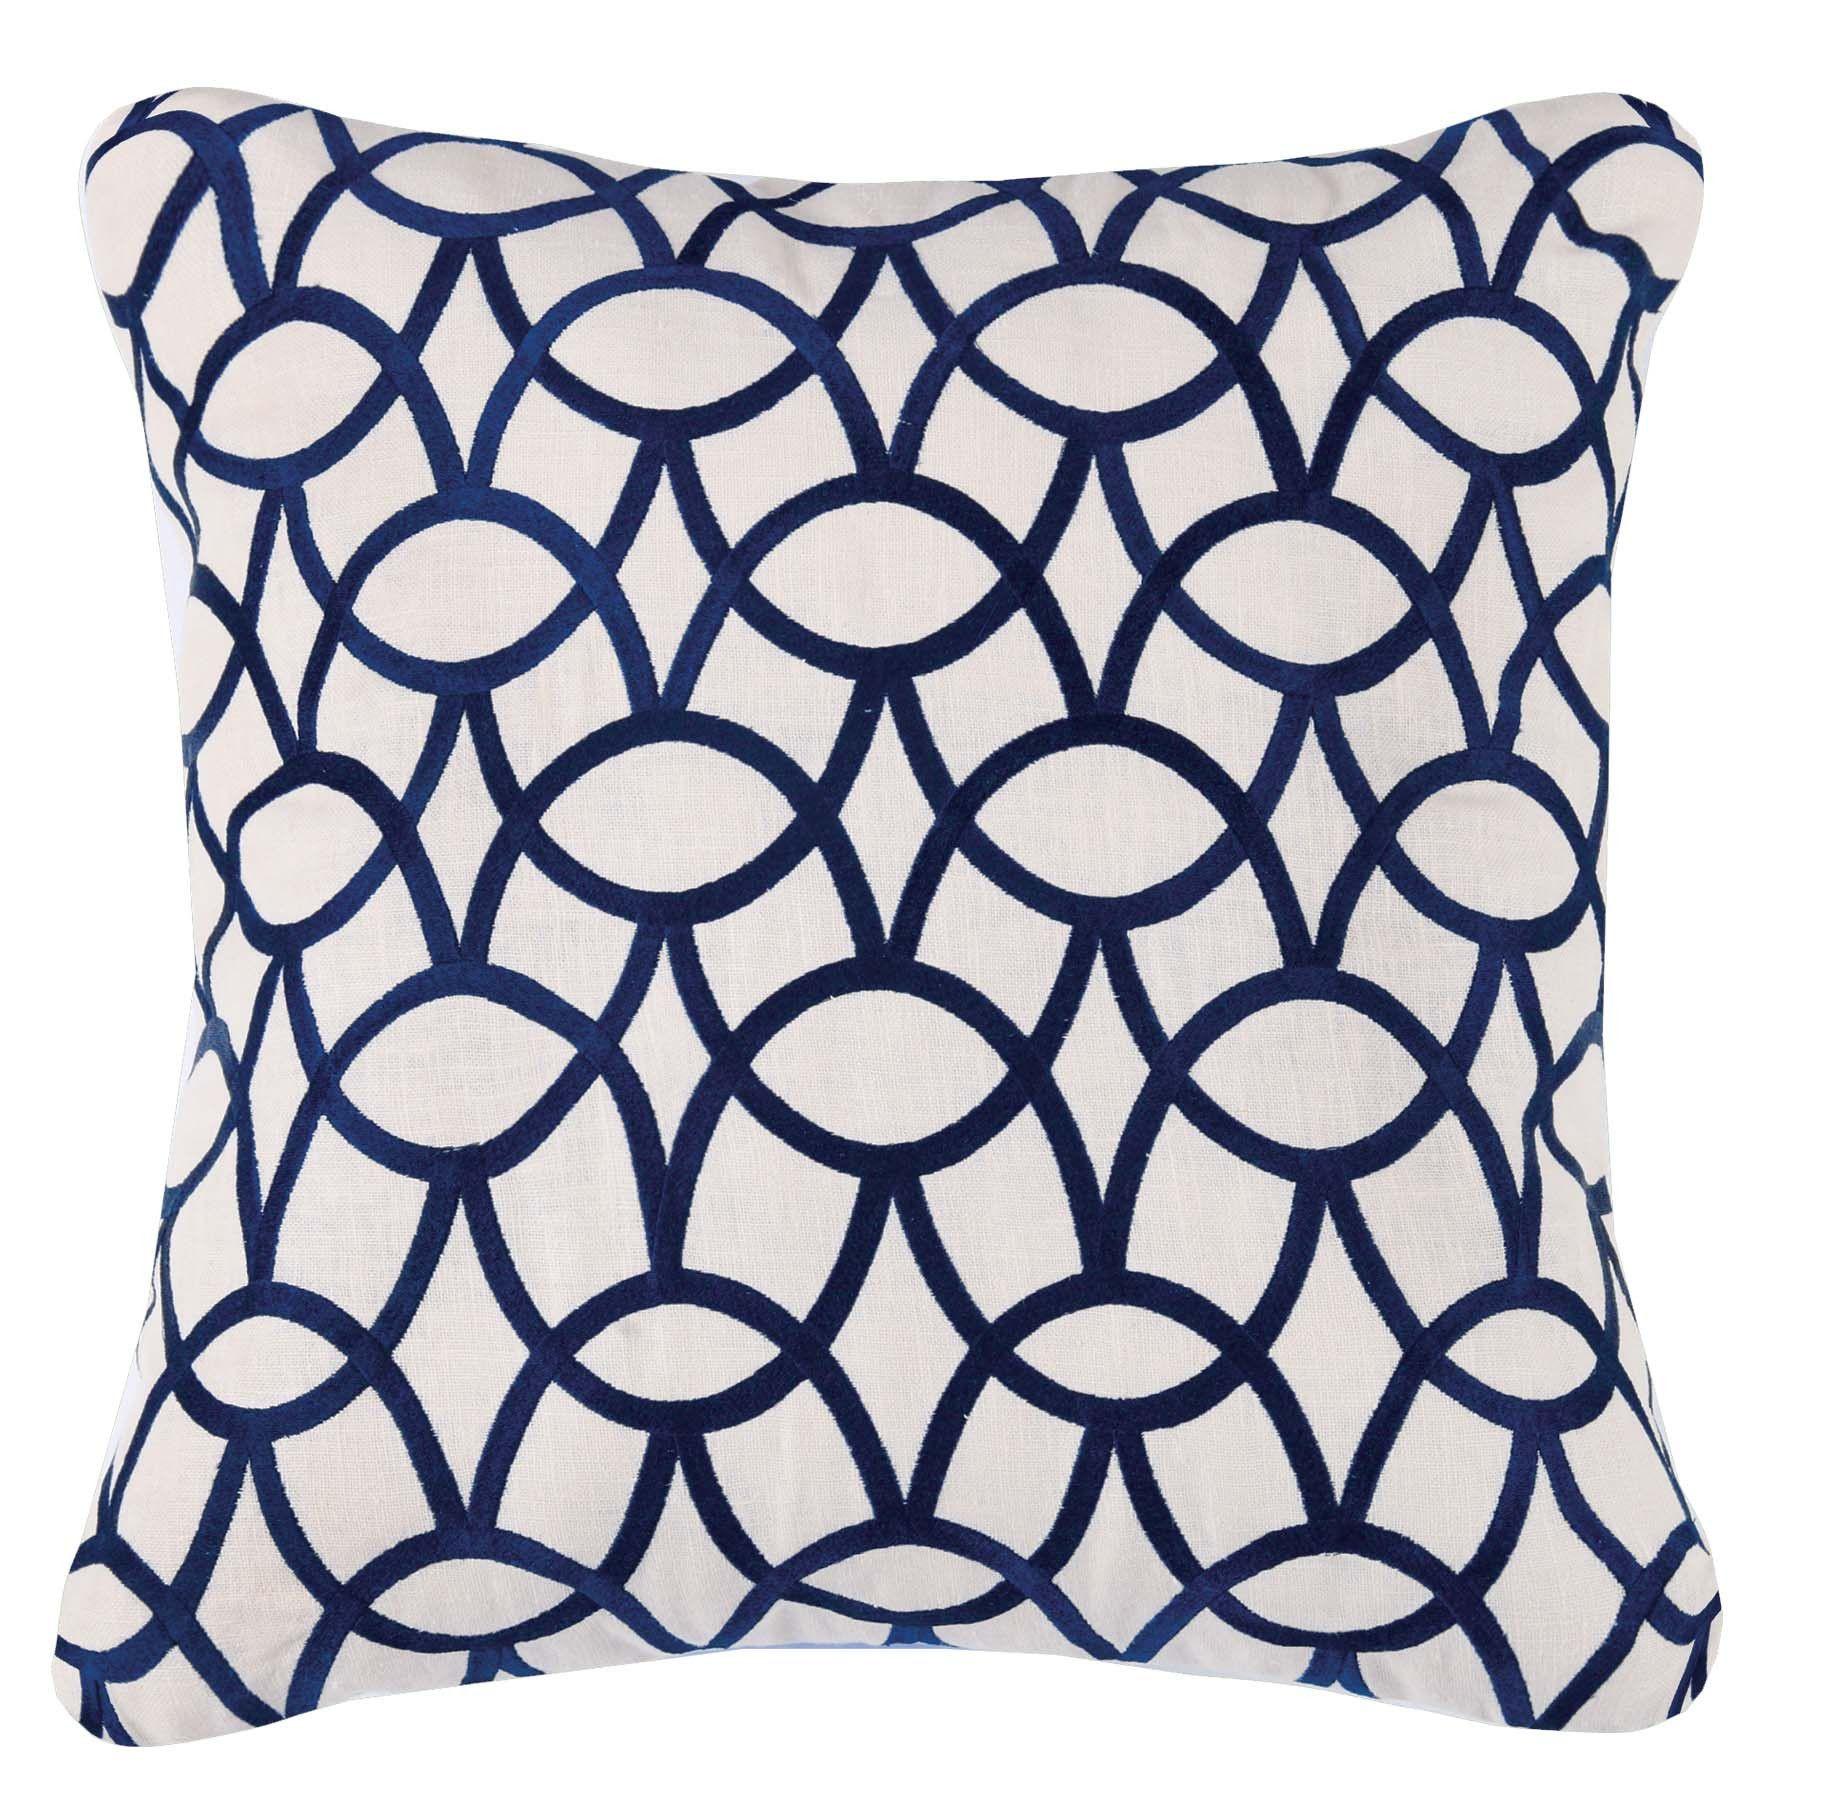 Abbey Indigo Pillow 20x20 Linen Throw Pillow Throw Pillows Pillows